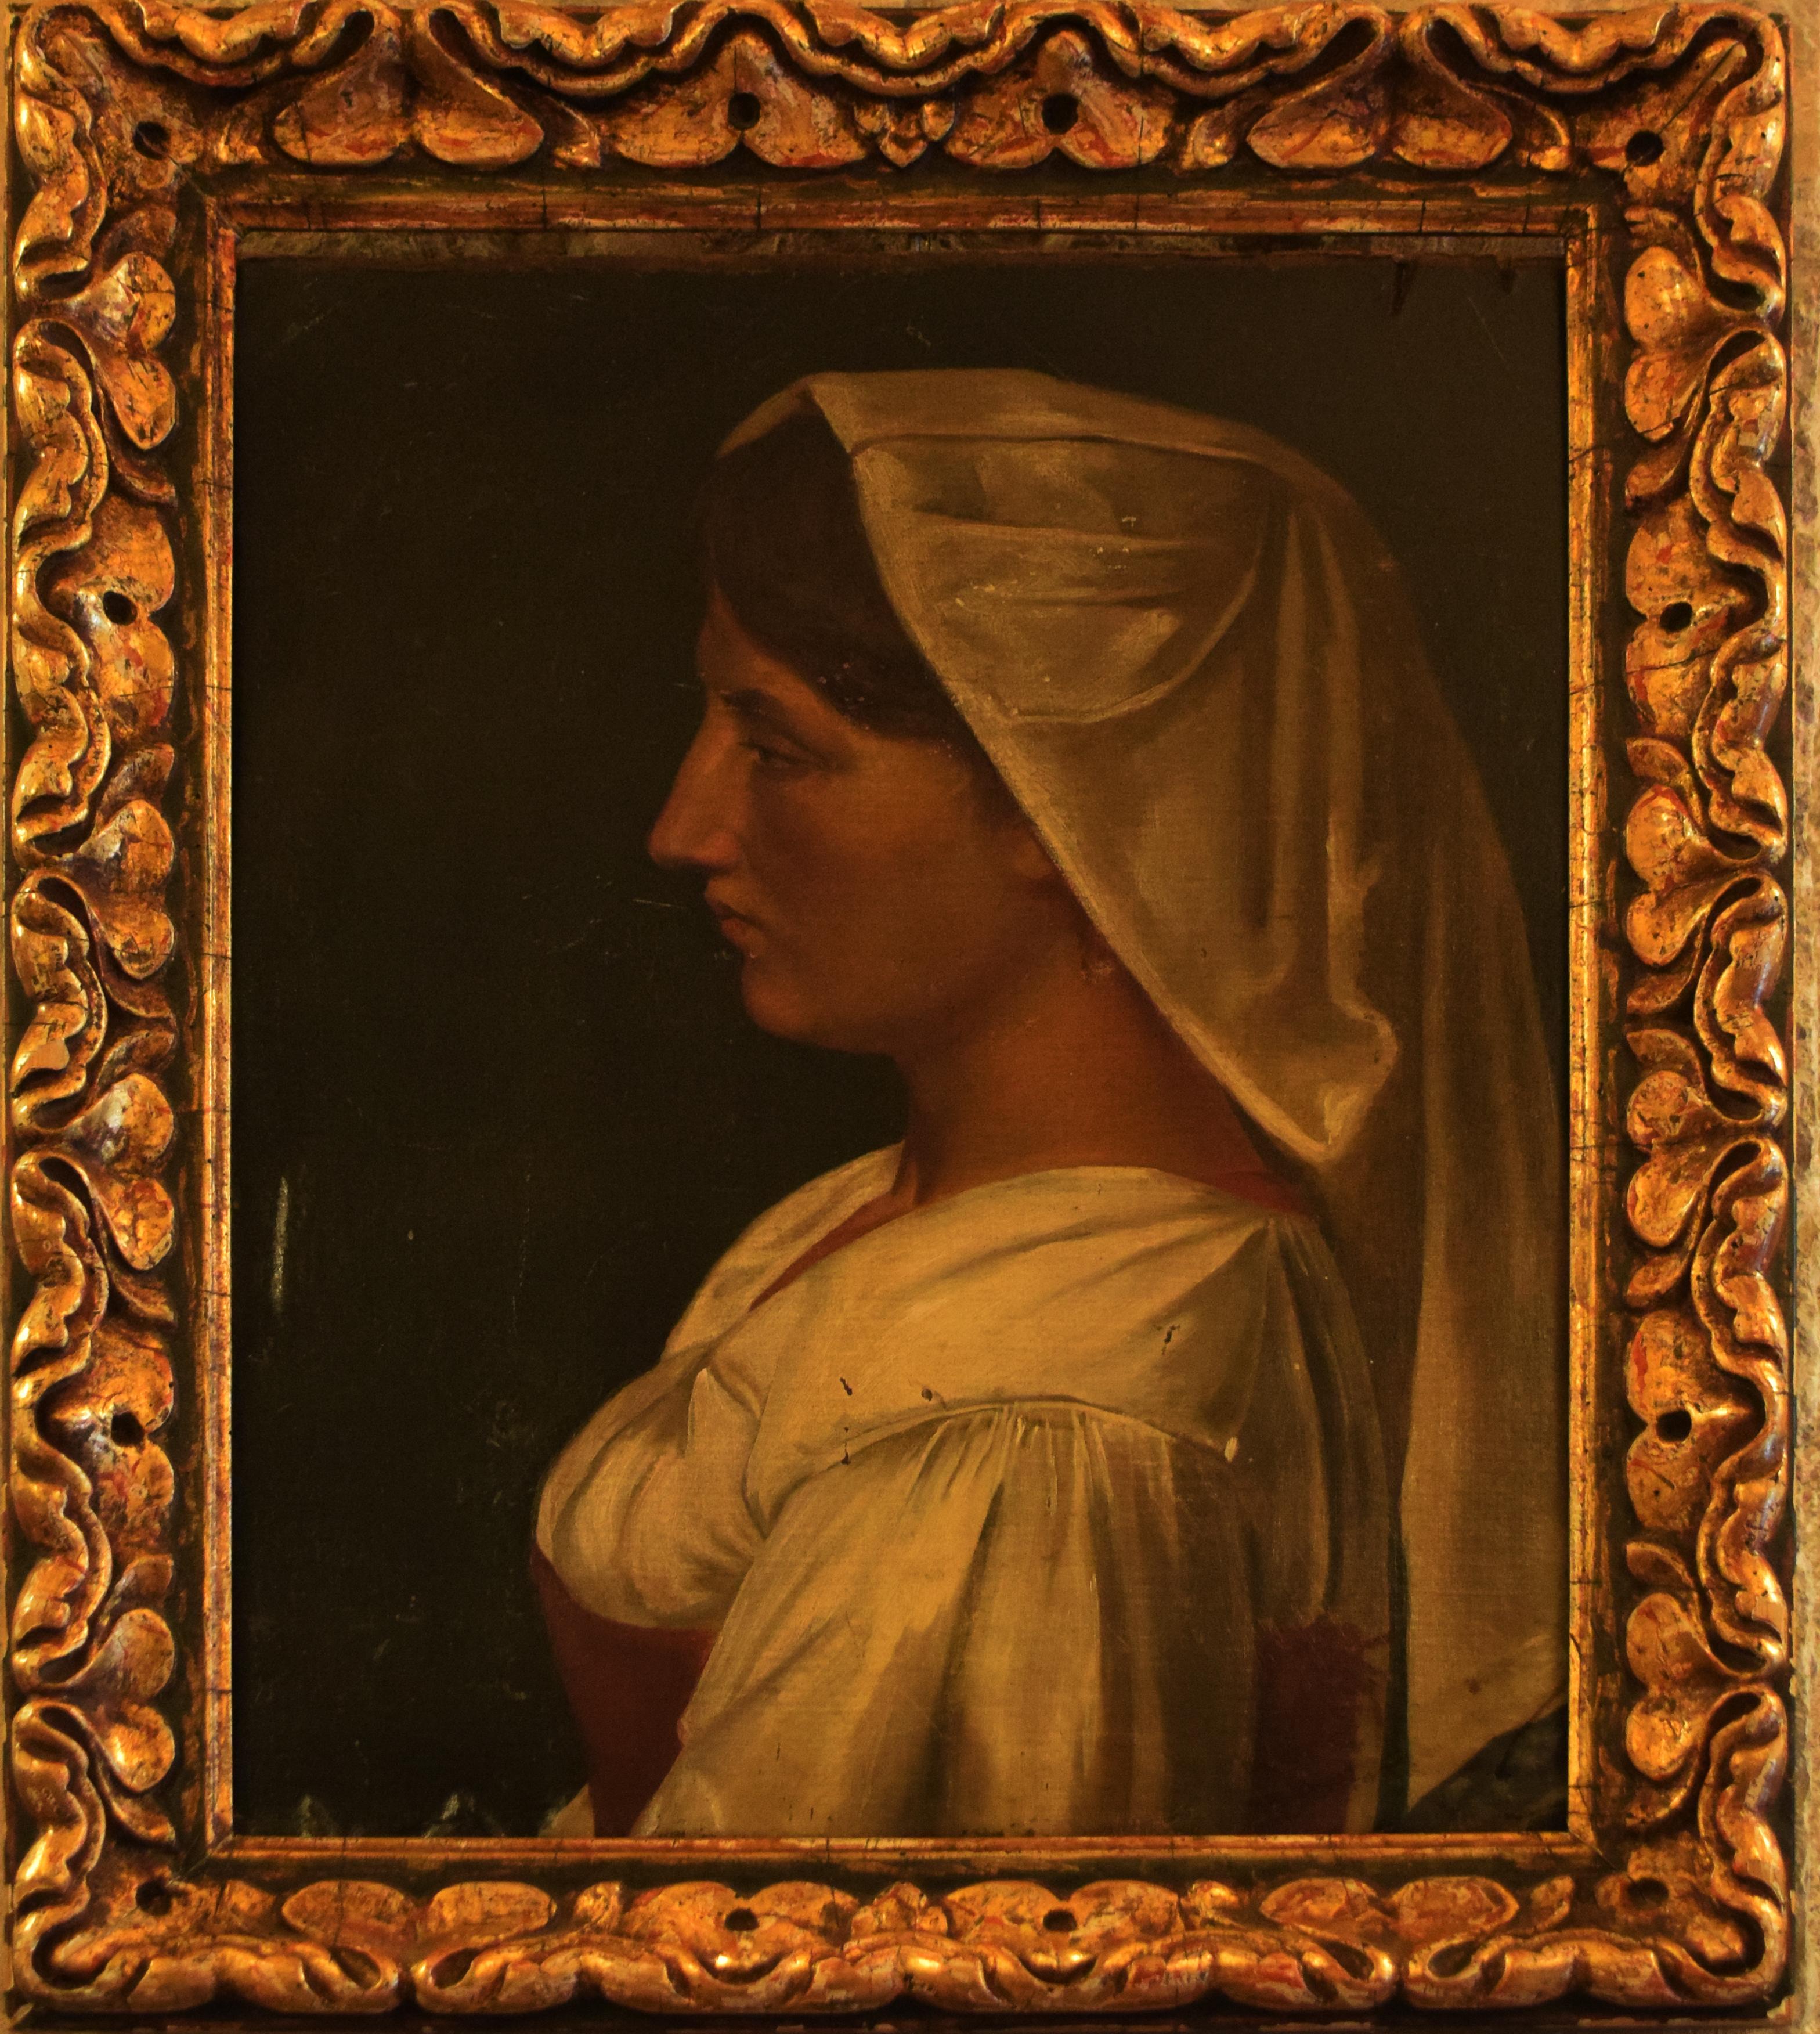 35-donna-romana-autore-anonimo